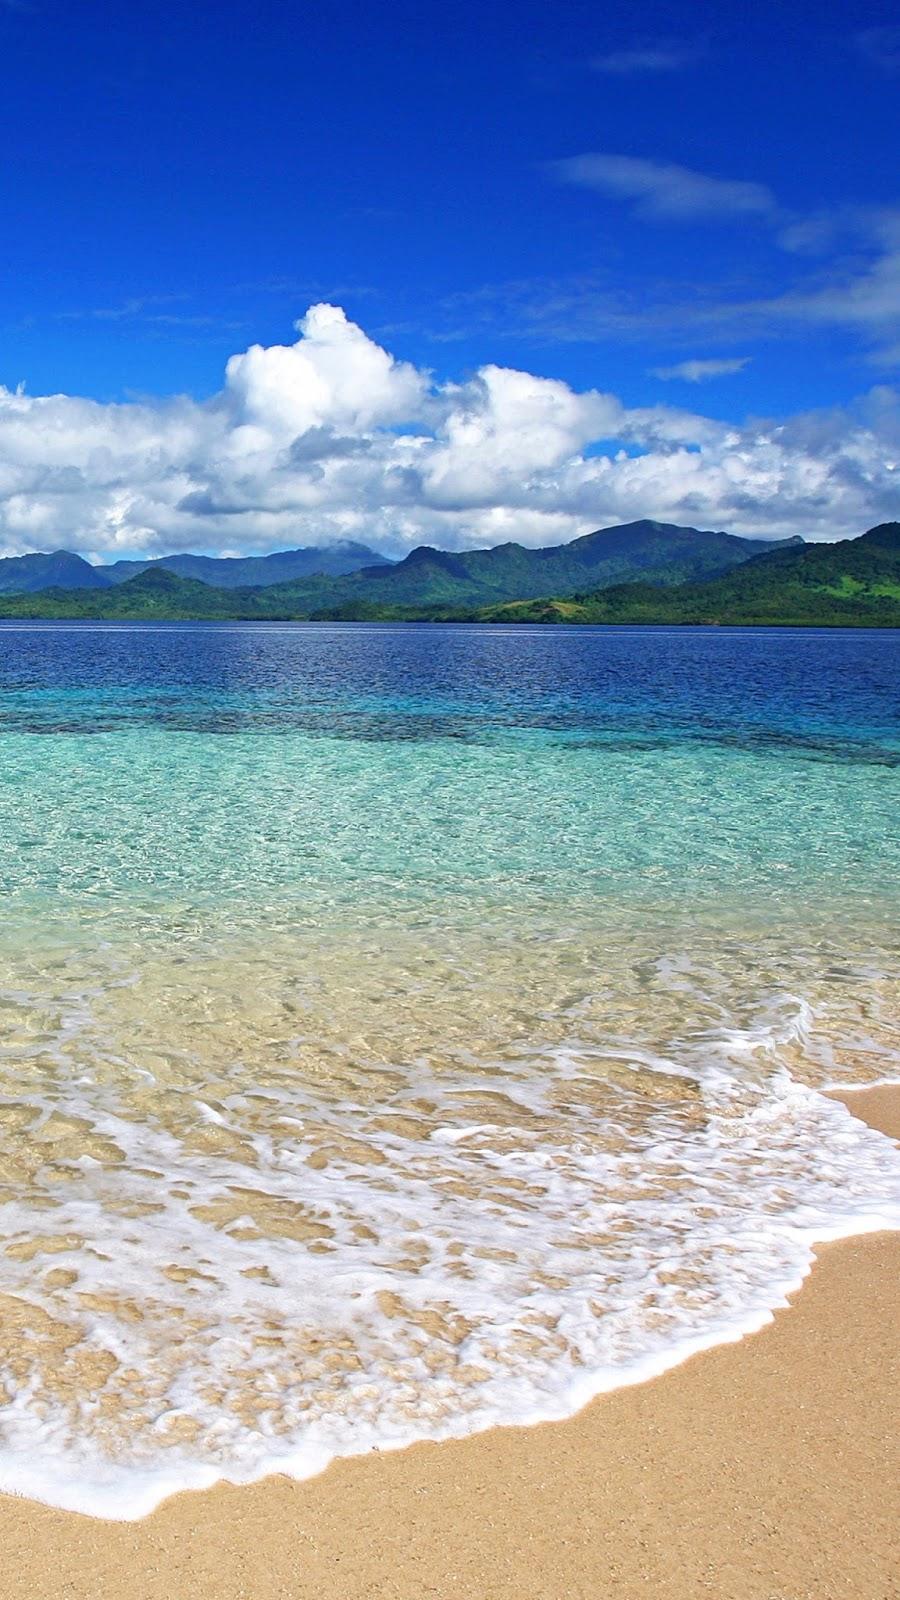 Hình nền Samsung bờ biển trong xanh